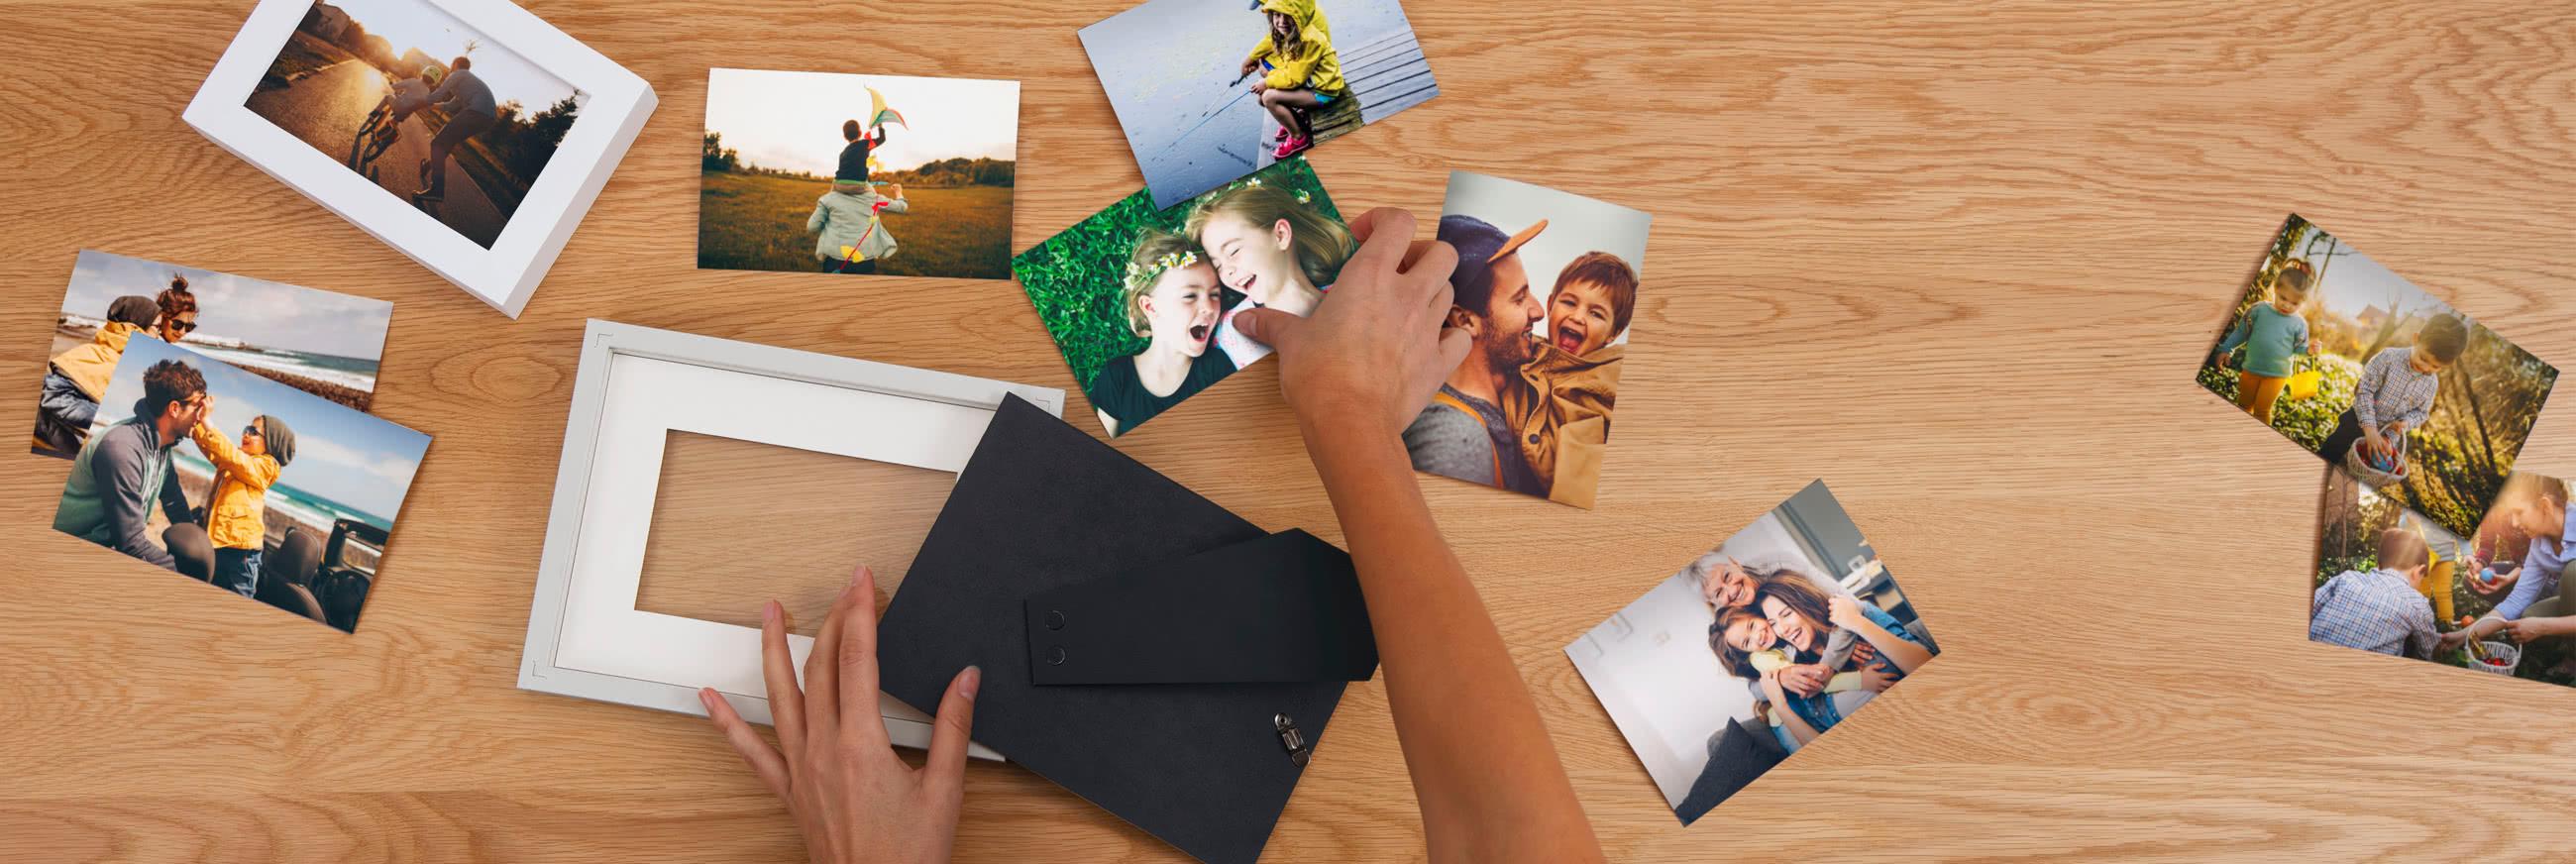 Fotos y Revelados - Compra 50 Fotos y 100 Fotos gratis